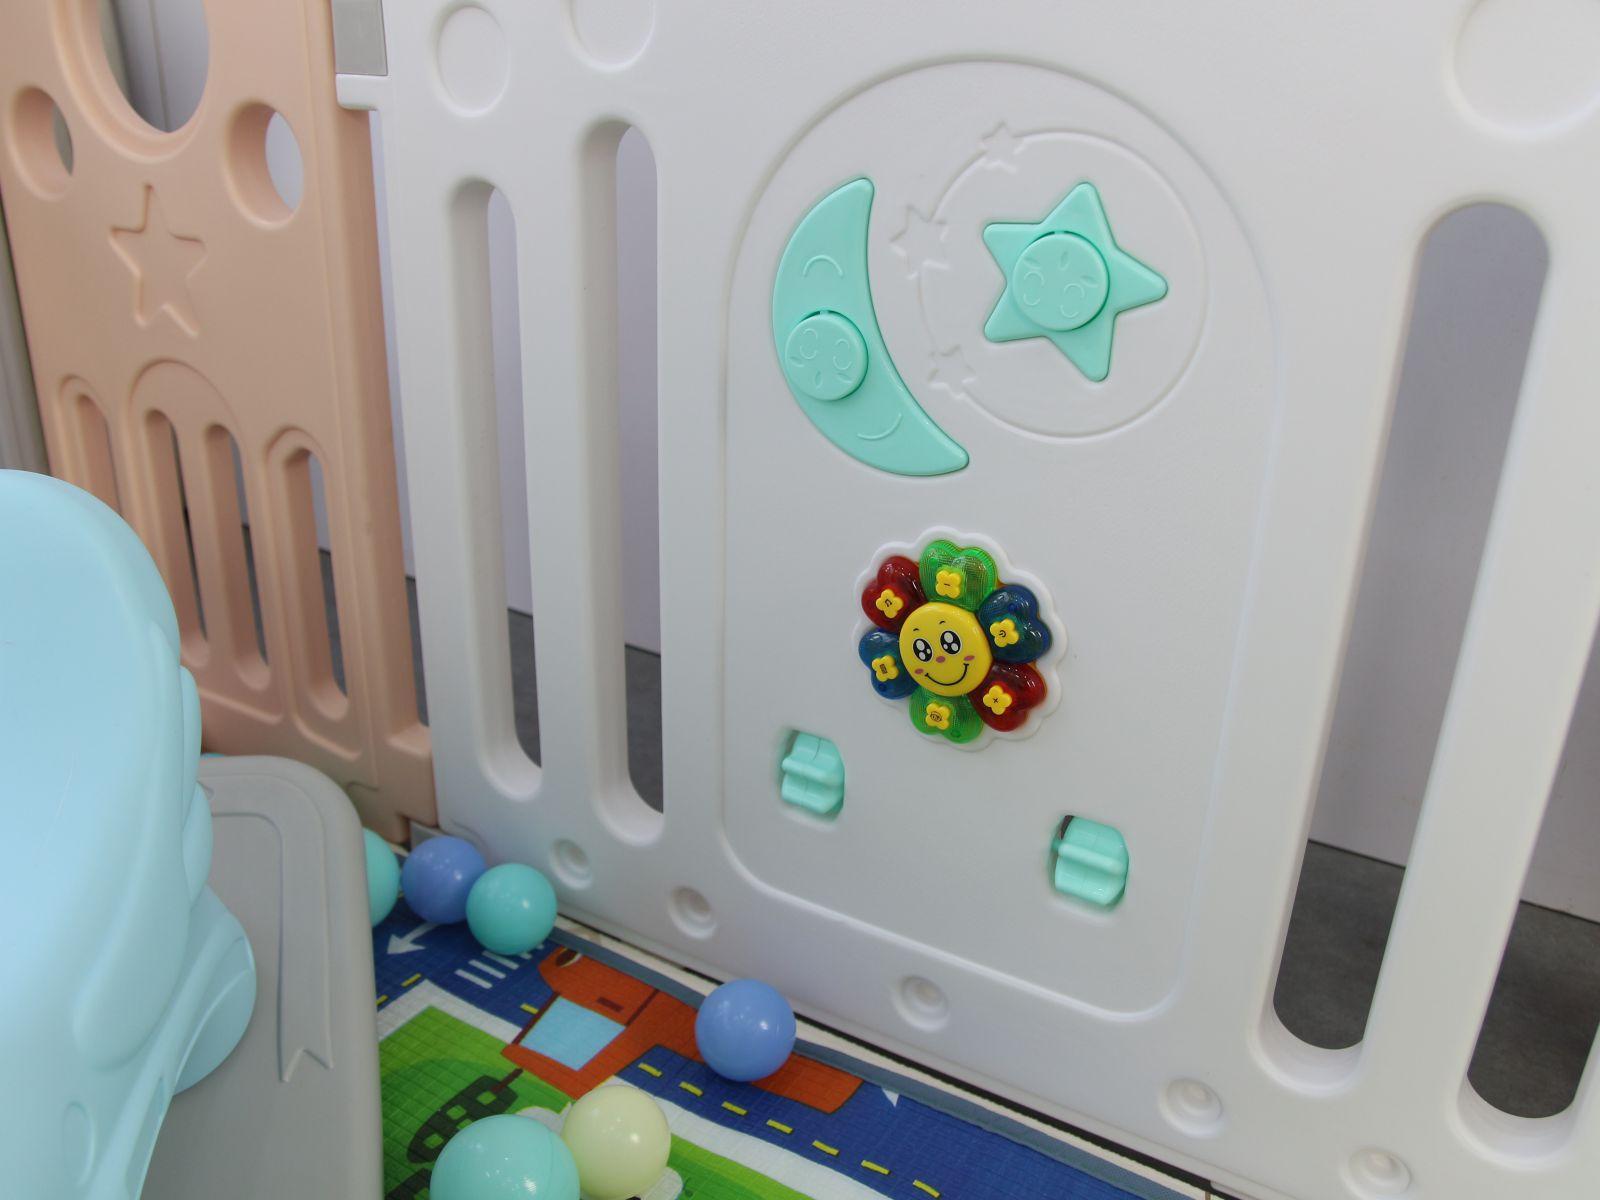 Quây bóng cho bé Toyshouse, KT 150*188*70cm, có kèm thảm và 100 bóng